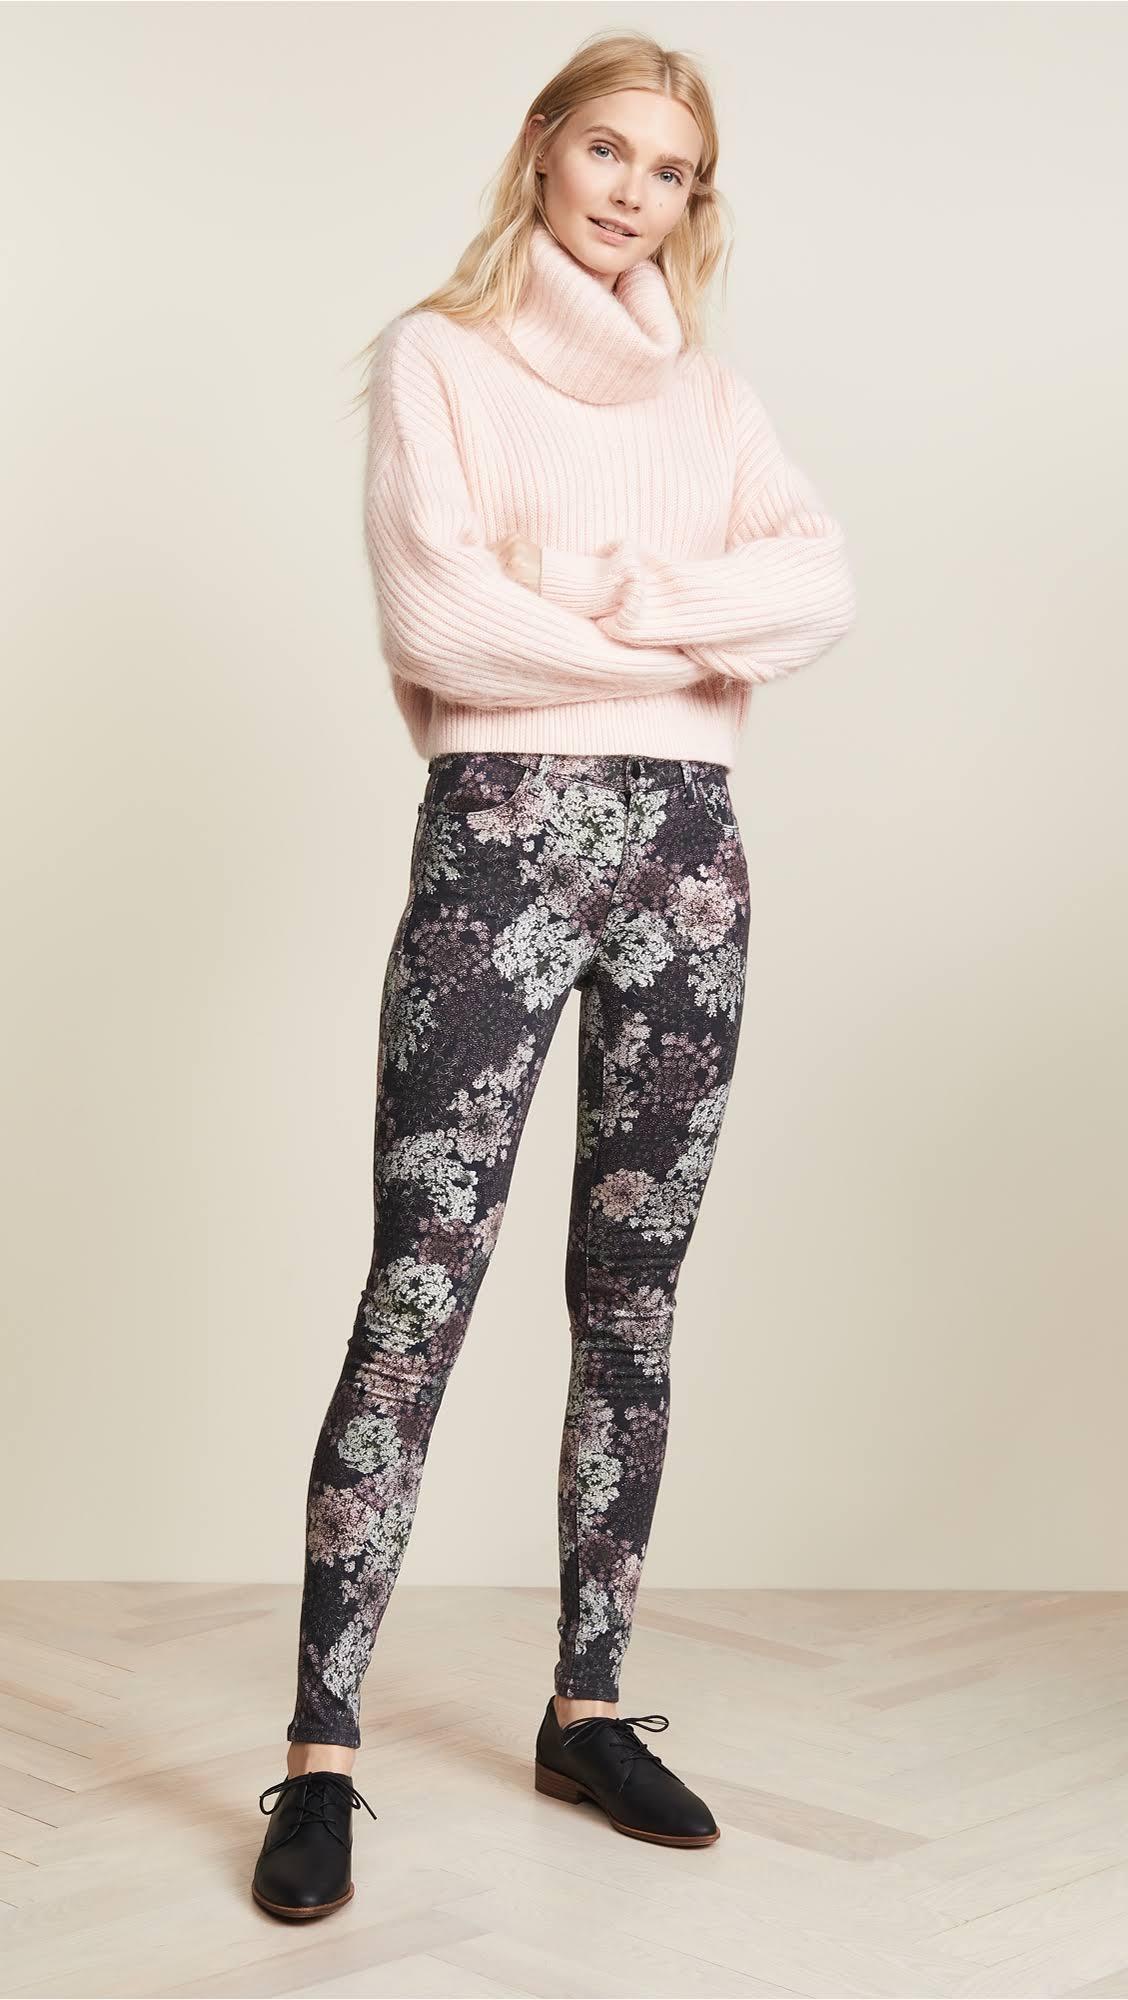 26 De Pour Skinny Jean Fleurs À Femmes J Imprimé Brand Haute Taille 620 Super OqYpYwT